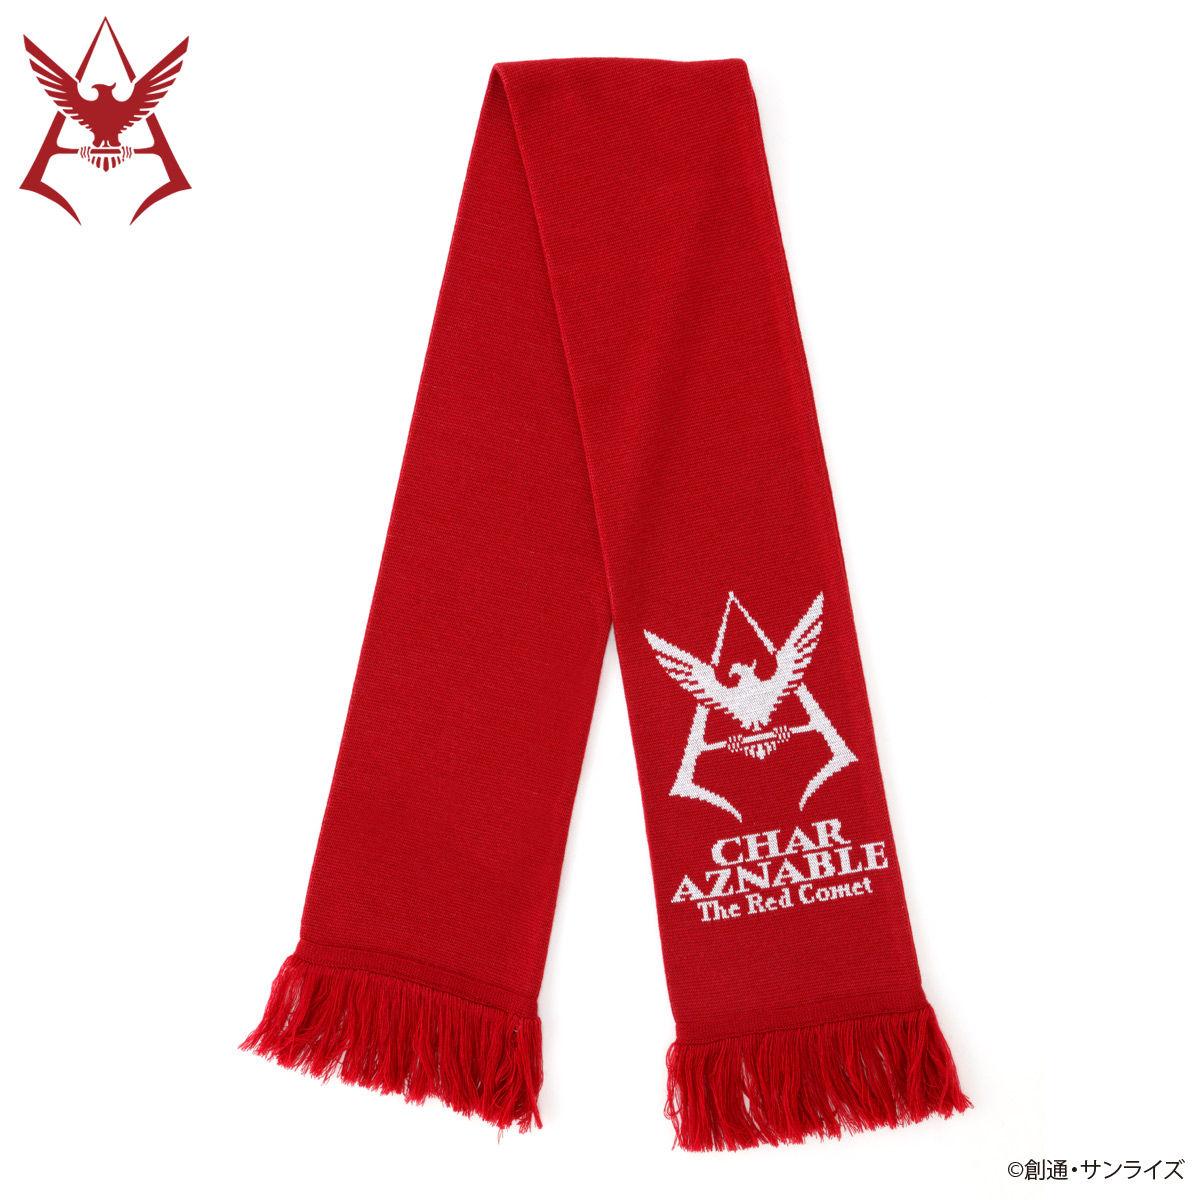 Mobile Suit Gundam Char Aznable Emblem Scarf